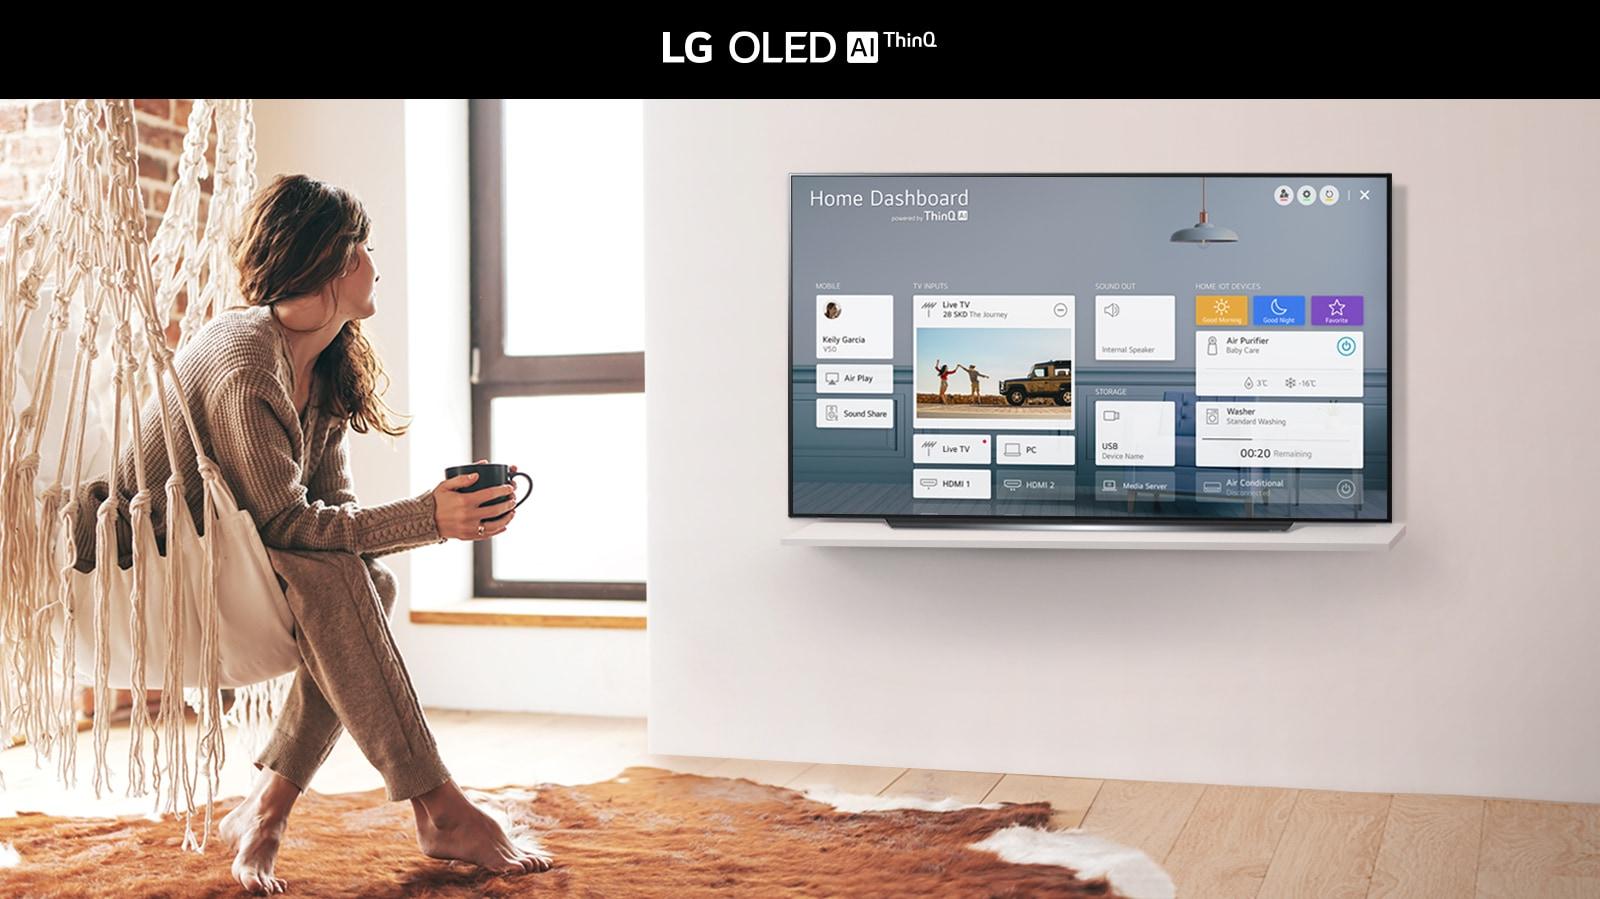 Image description LG OLED